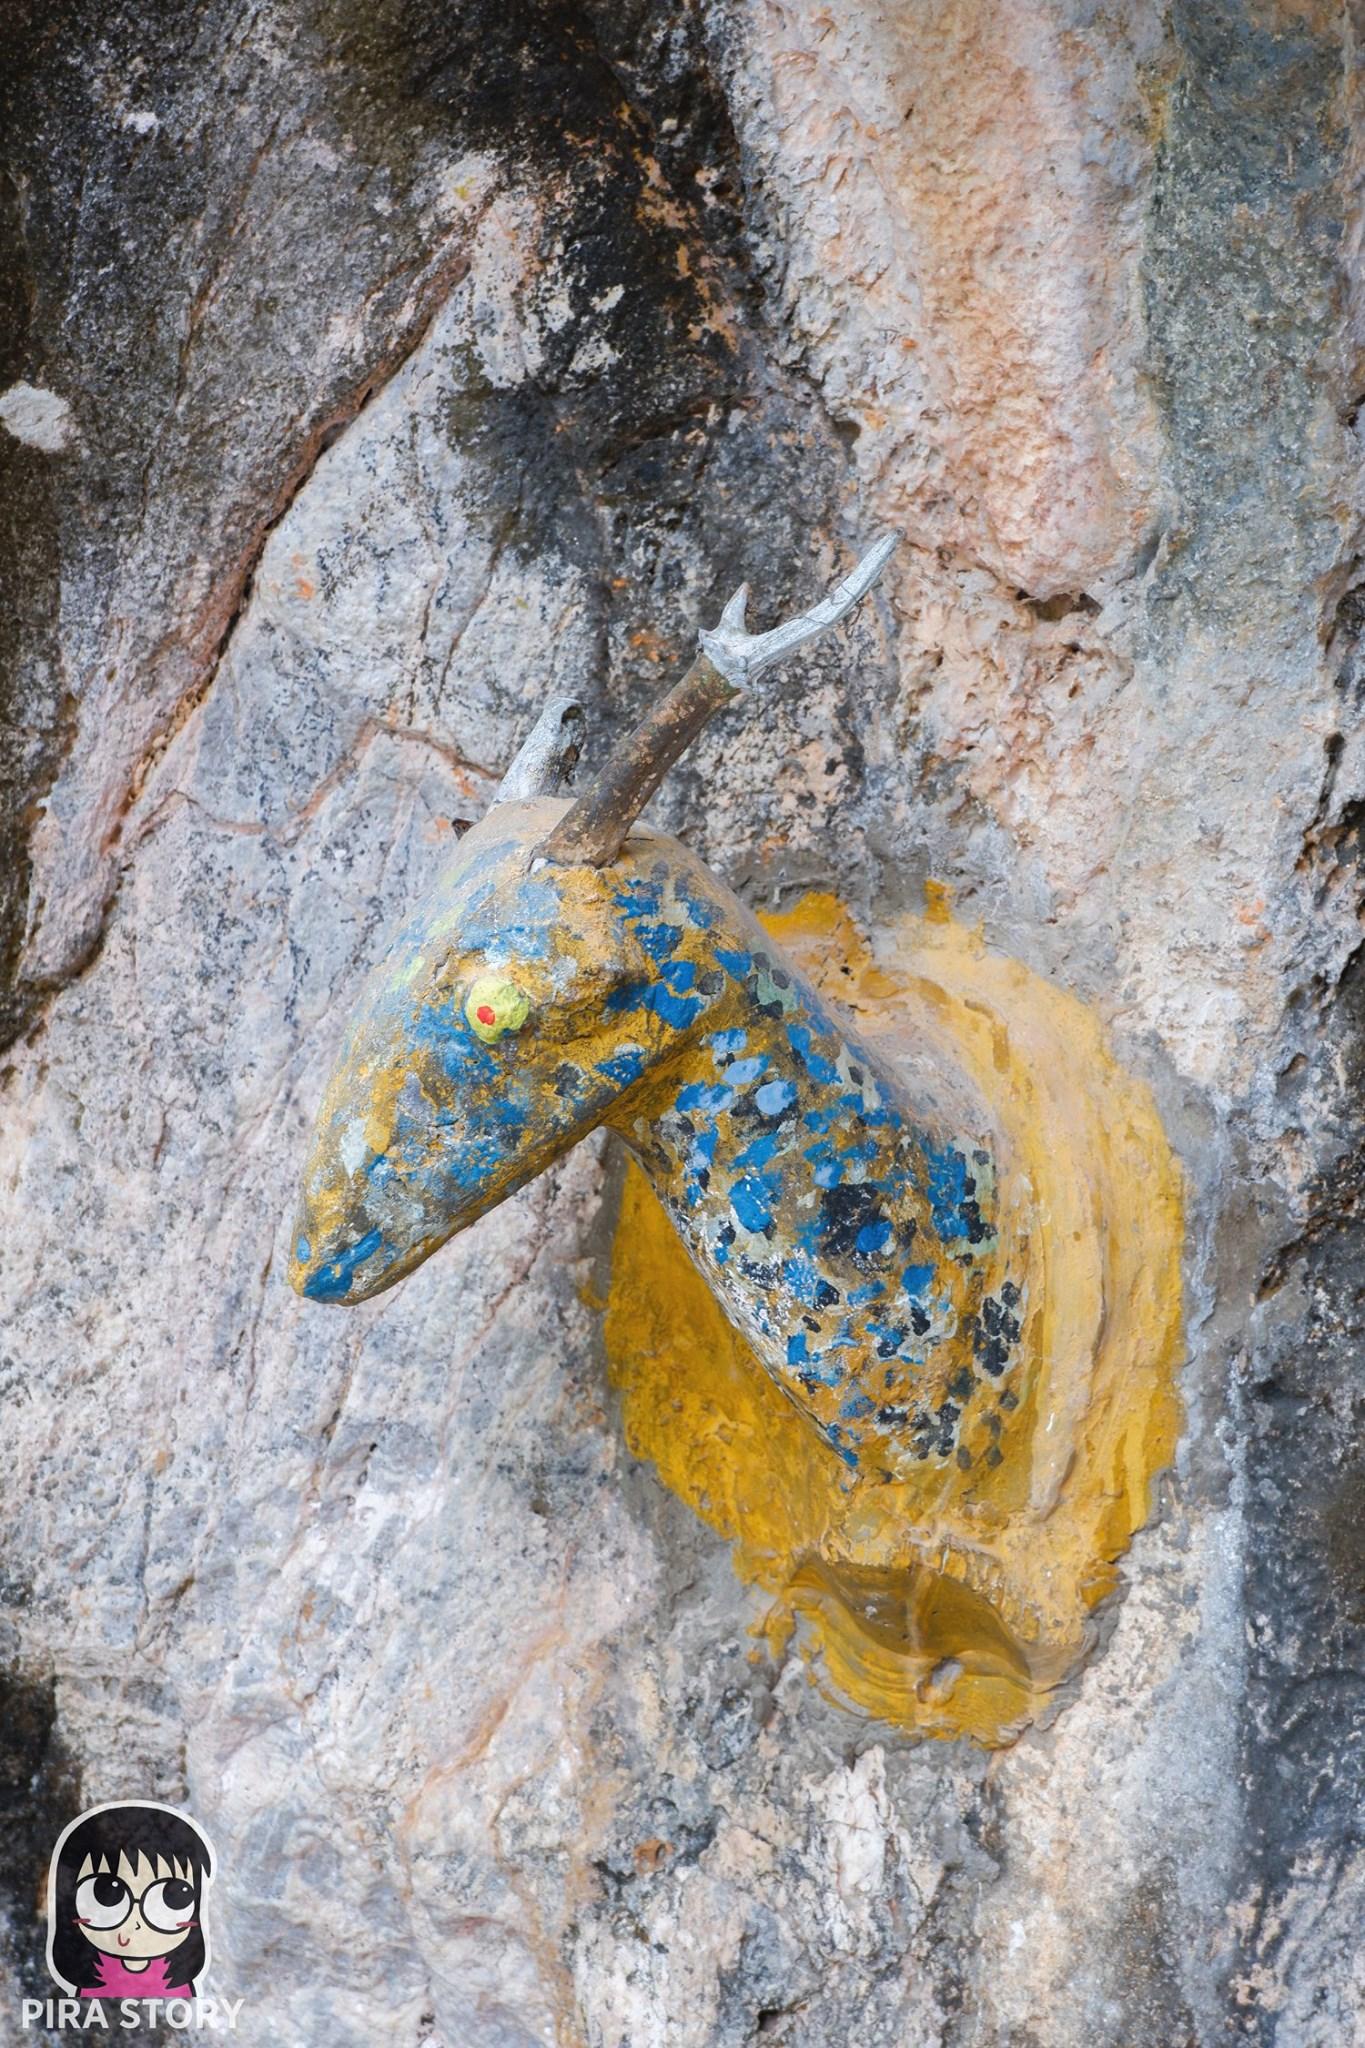 เที่ยวเพชรบุรี เที่ยวไทย ปูนปั้น เทวดา ยักษ์ เทพเจ้า ถ้ำโบสถ์โบราณ อยุธยา พระนเรศวร ชะอำ เพชรบุรี